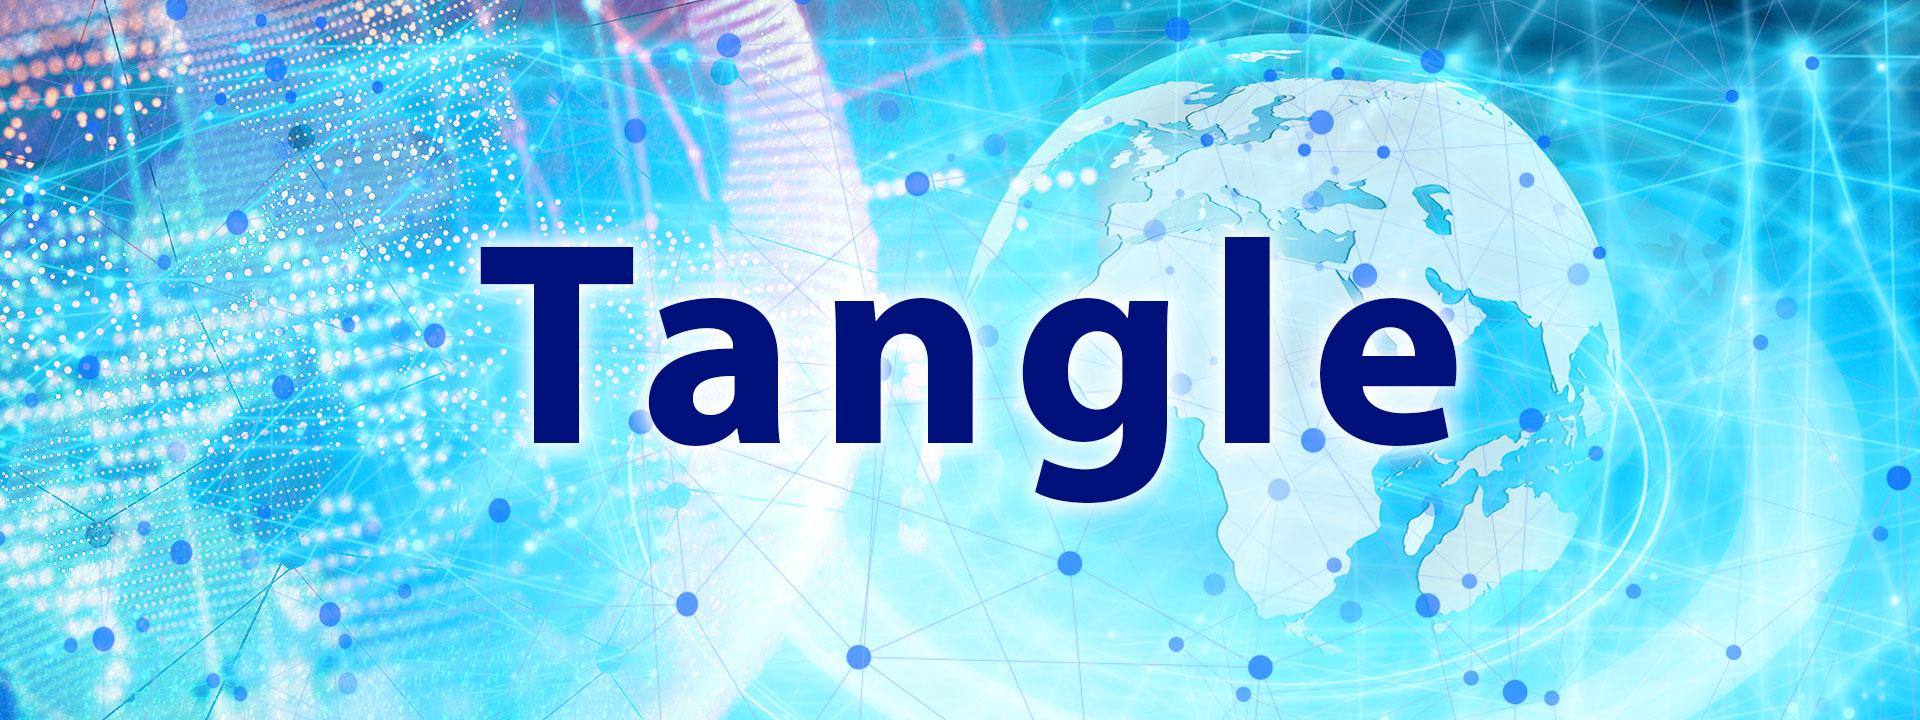 tangle - artech digital - 04